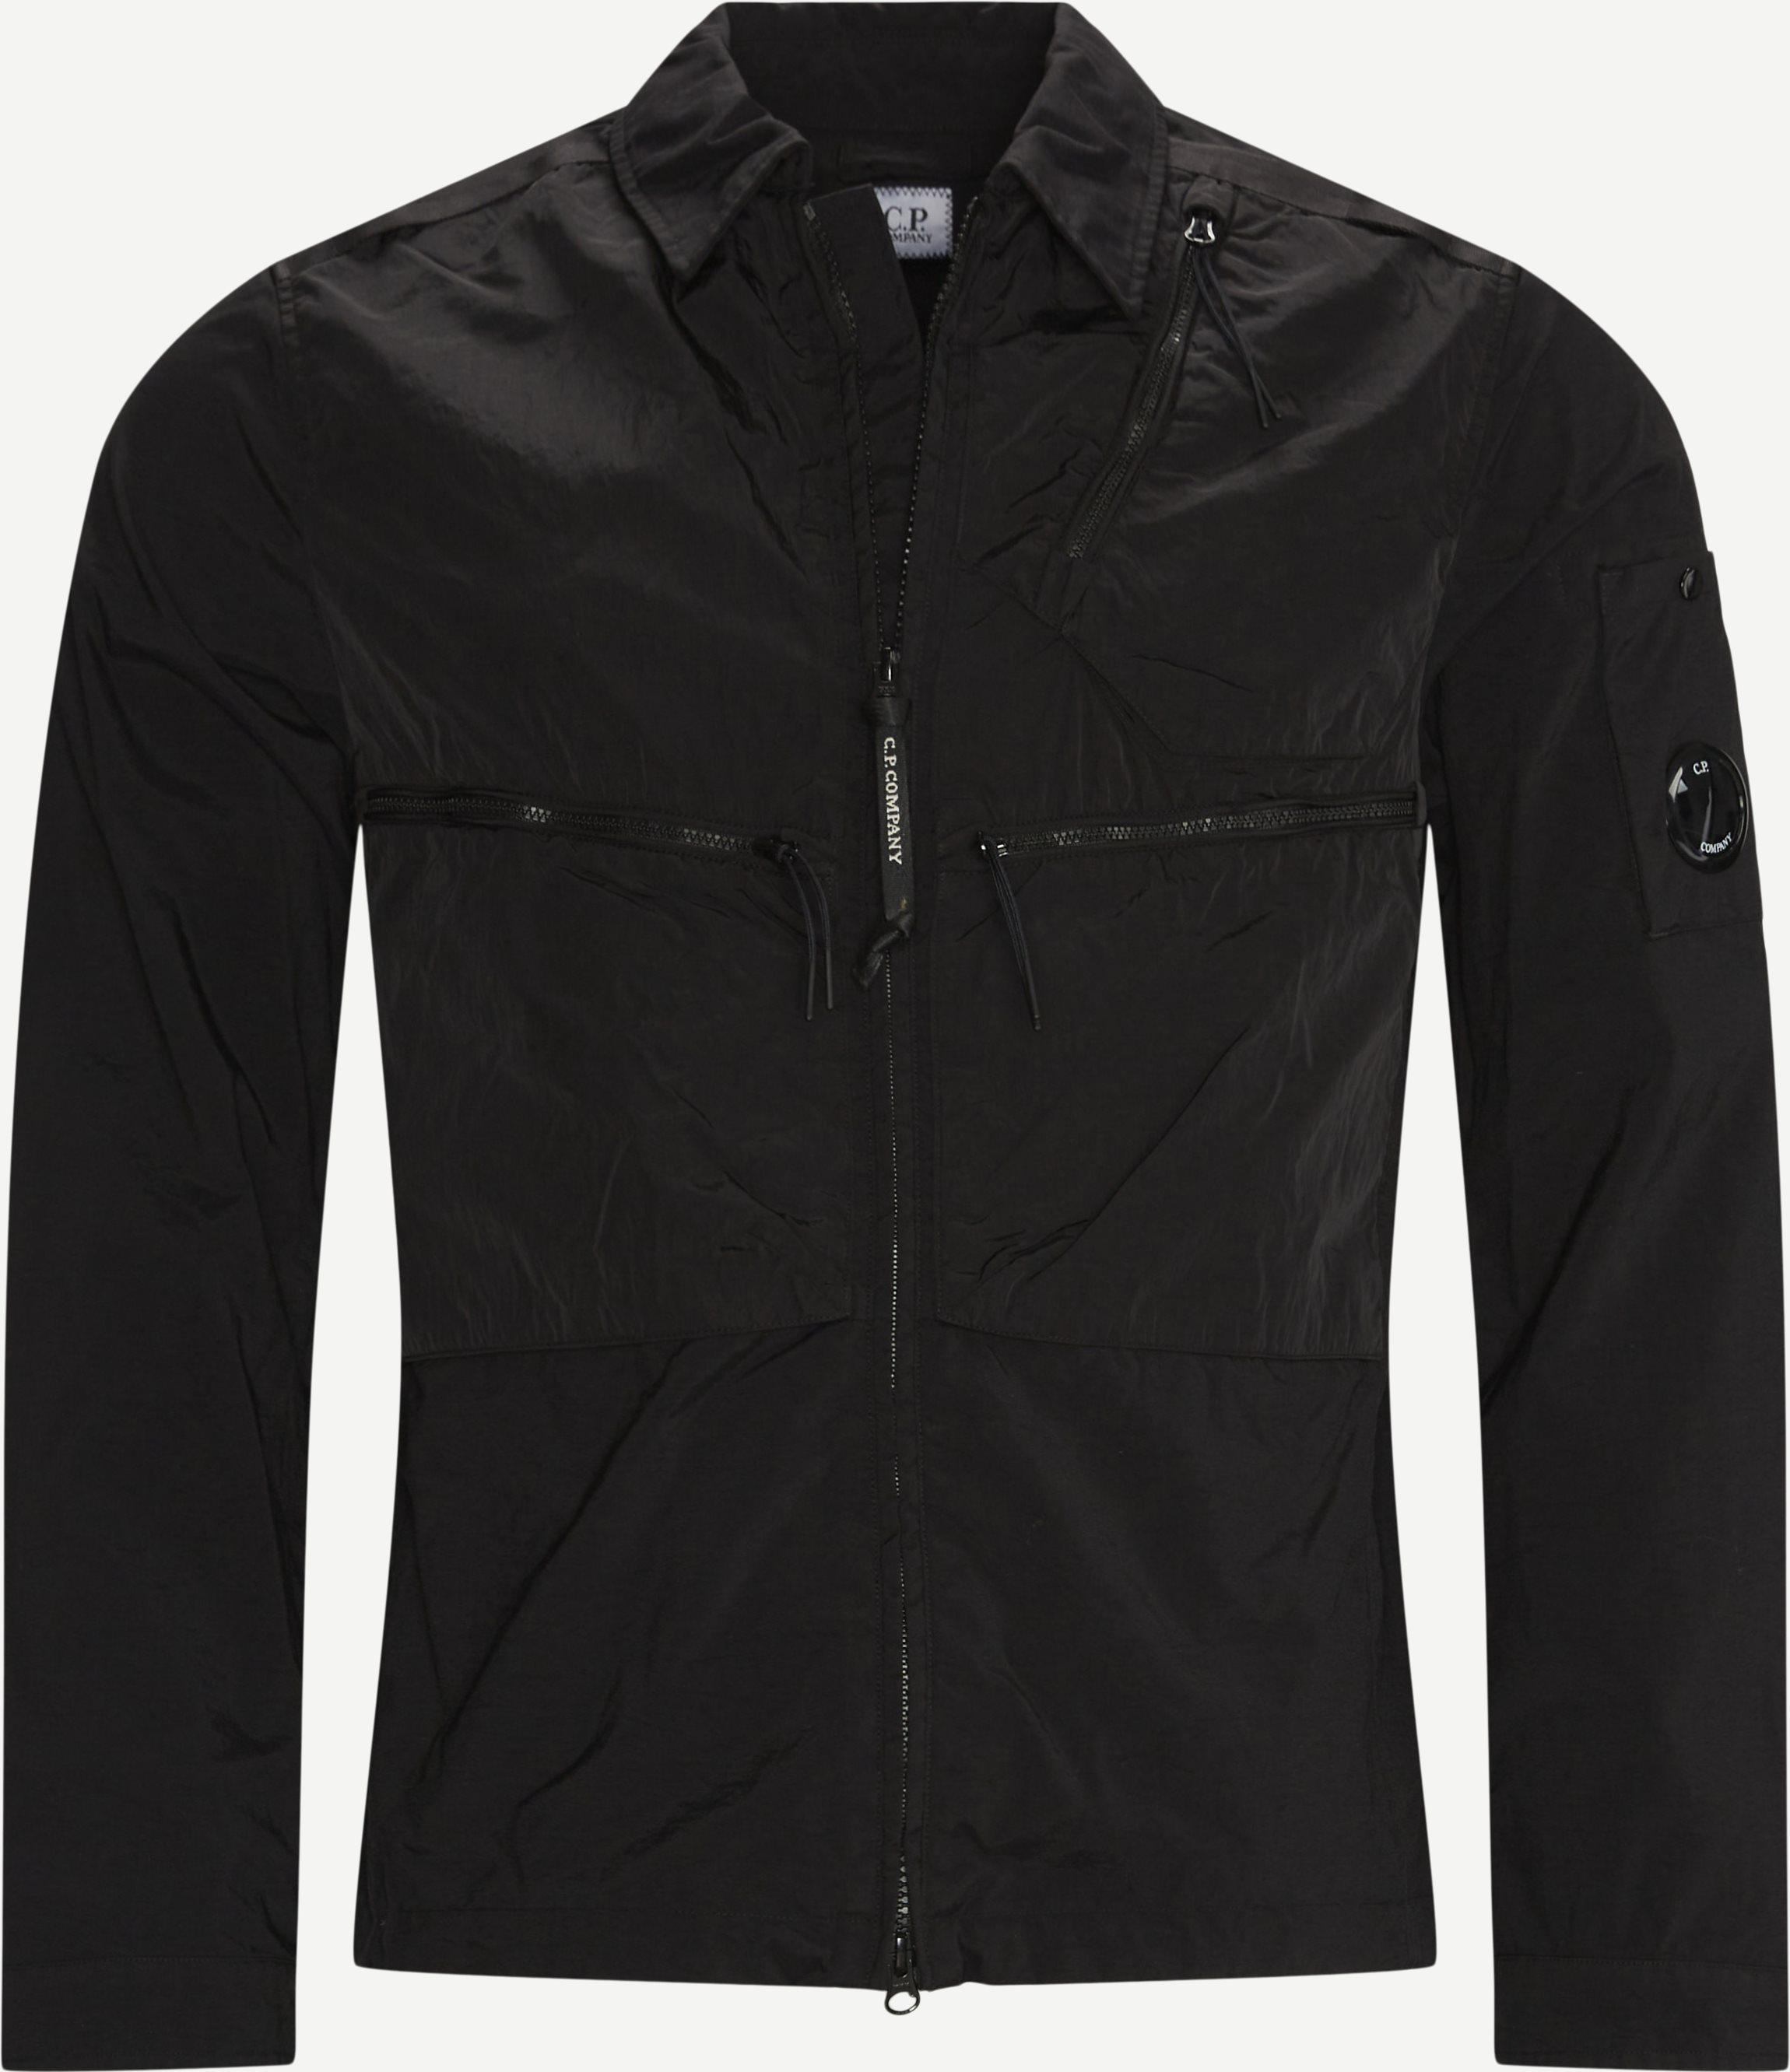 Skjortor - Regular fit - Svart